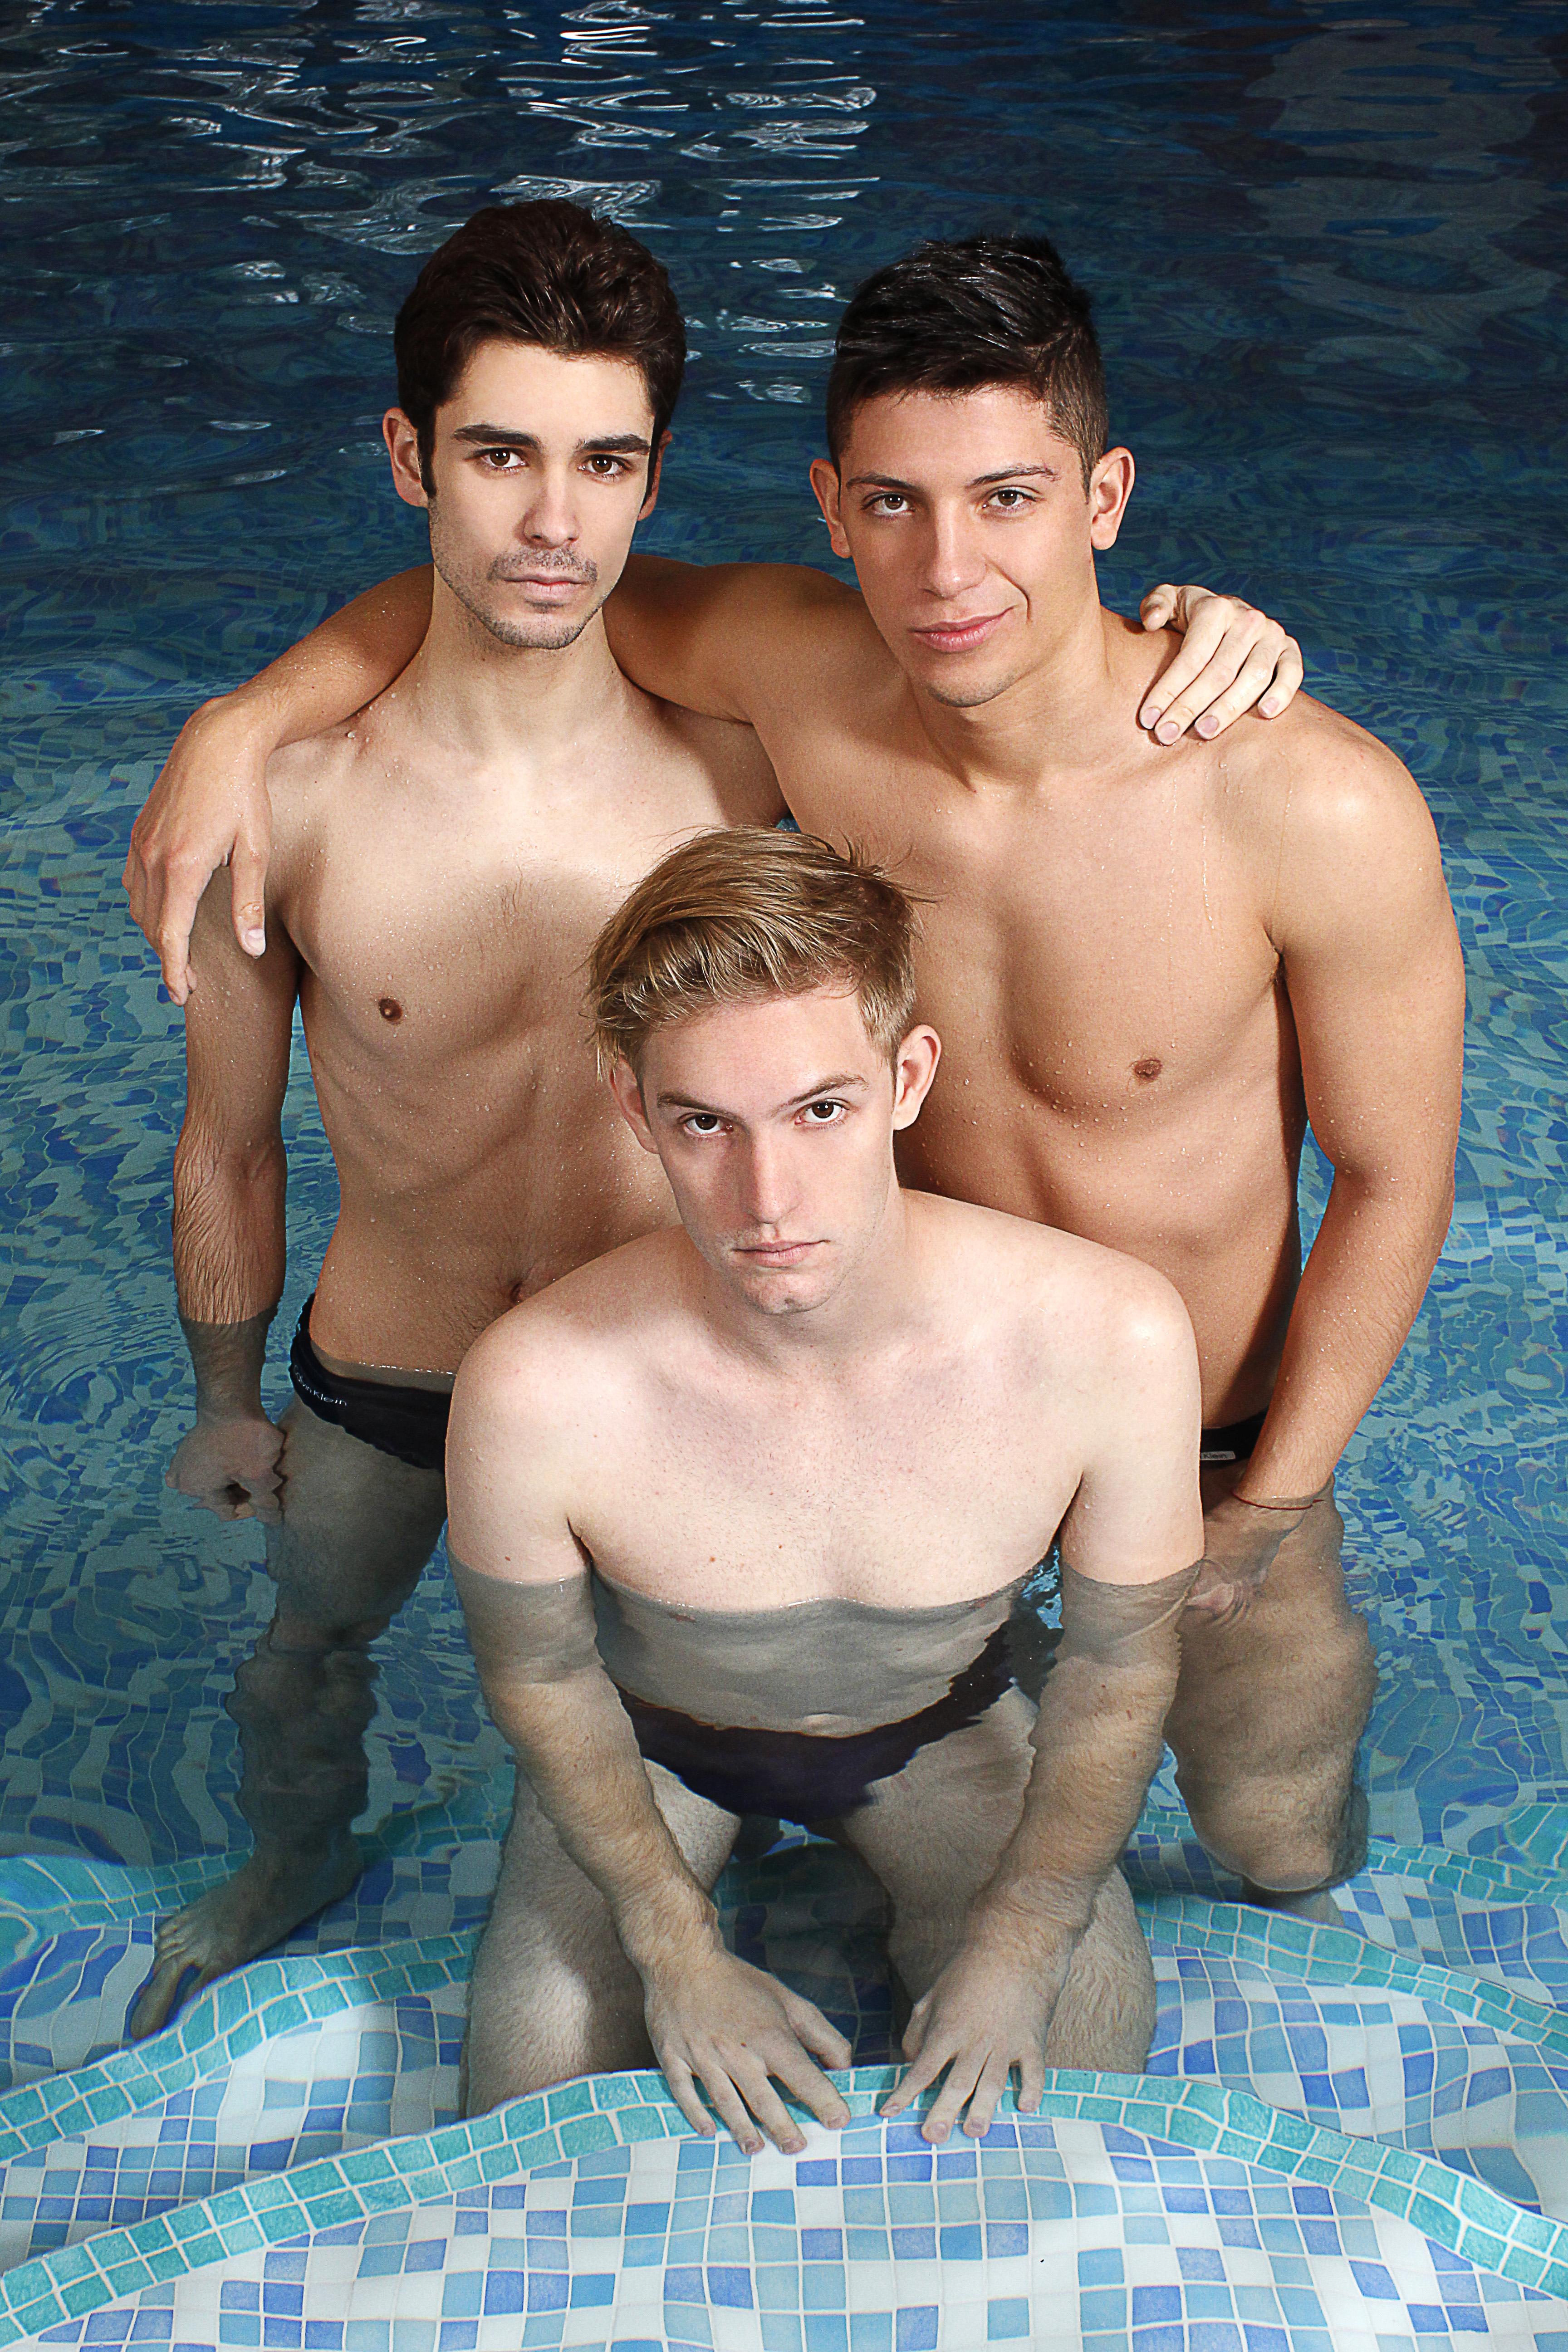 la-voix-du-x-gay-steven-chinnery-producteur-chez-eurocreme-visuel-4-swimboy